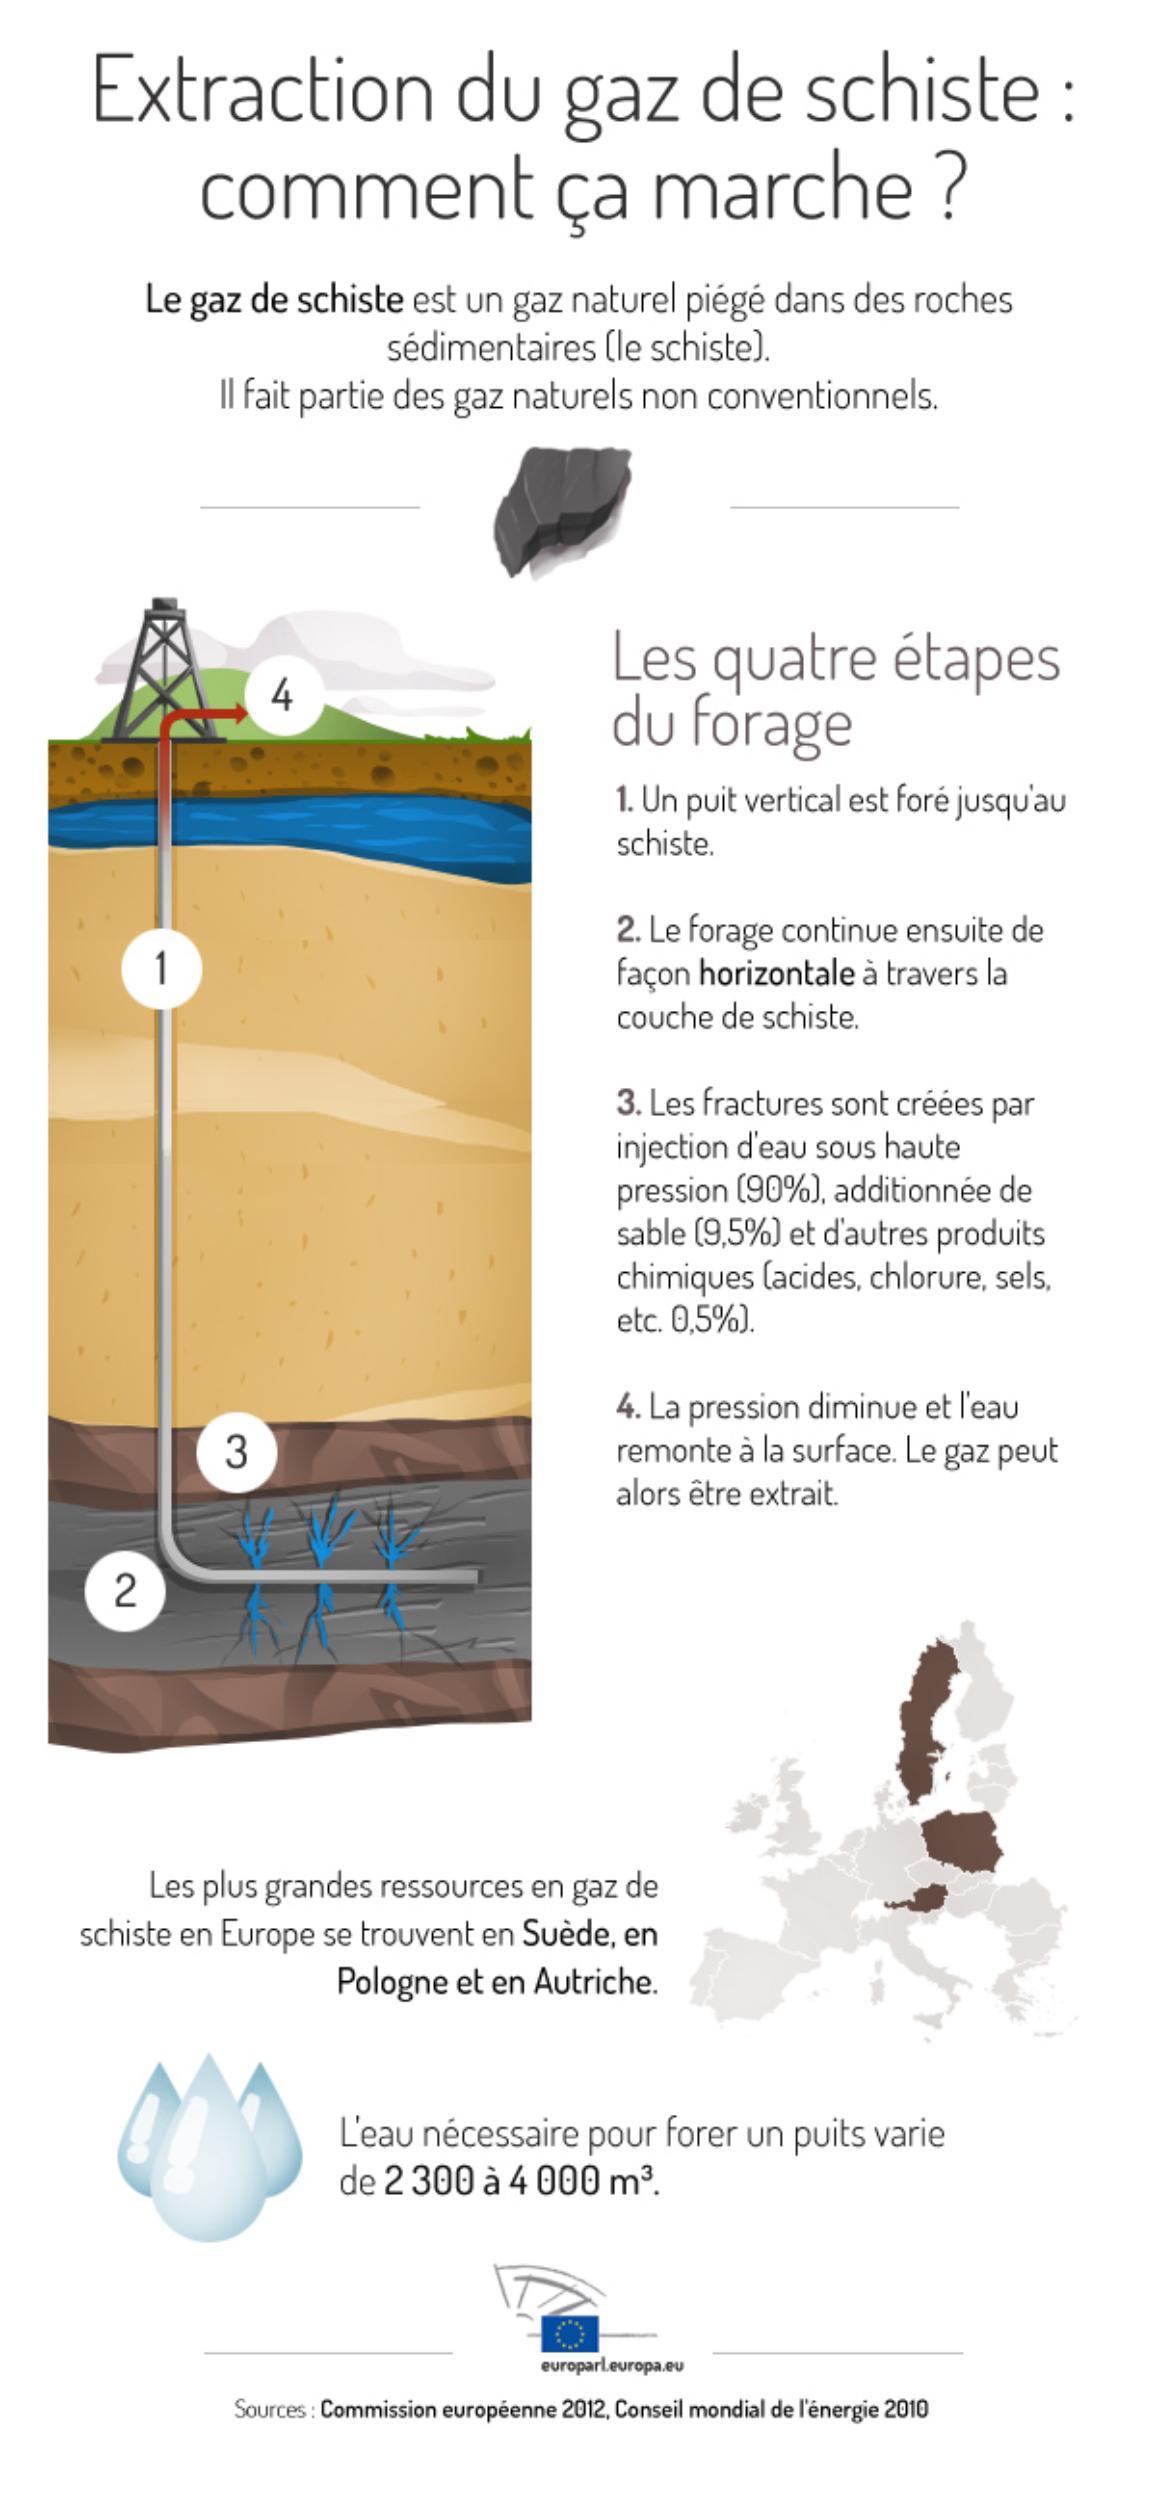 Infographie présentant l'extraction du gaz de schiste.